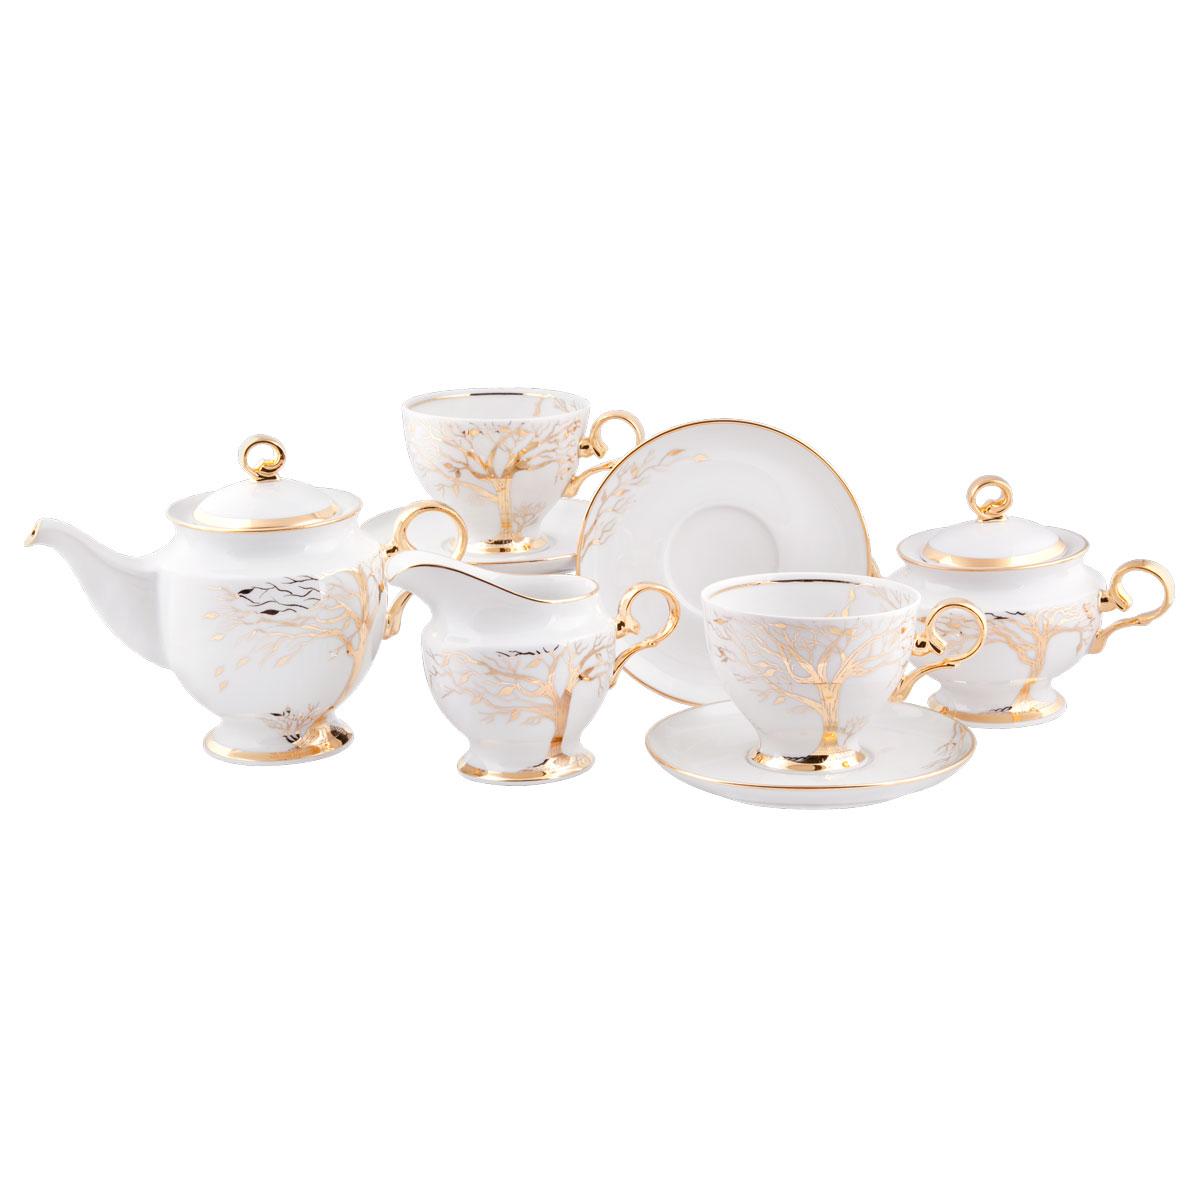 Сервиз чайный Башфарфор Листопад, 15 предметов115510Сервиз чайный из белого фарфора рассчитан на 6 персон. Тонкий белый фарфор.Изумительная посуда для настоящих ценителей с хорошим вкусом, подходит и для особых случаев и на каждый день. В состав набора входит: чашка 250мл 6 шт, блюдце 14,5см 6 шт, сахарница 300мл 1шт, чайник 600мл 1 шт, Молочник 250мл 1шт.